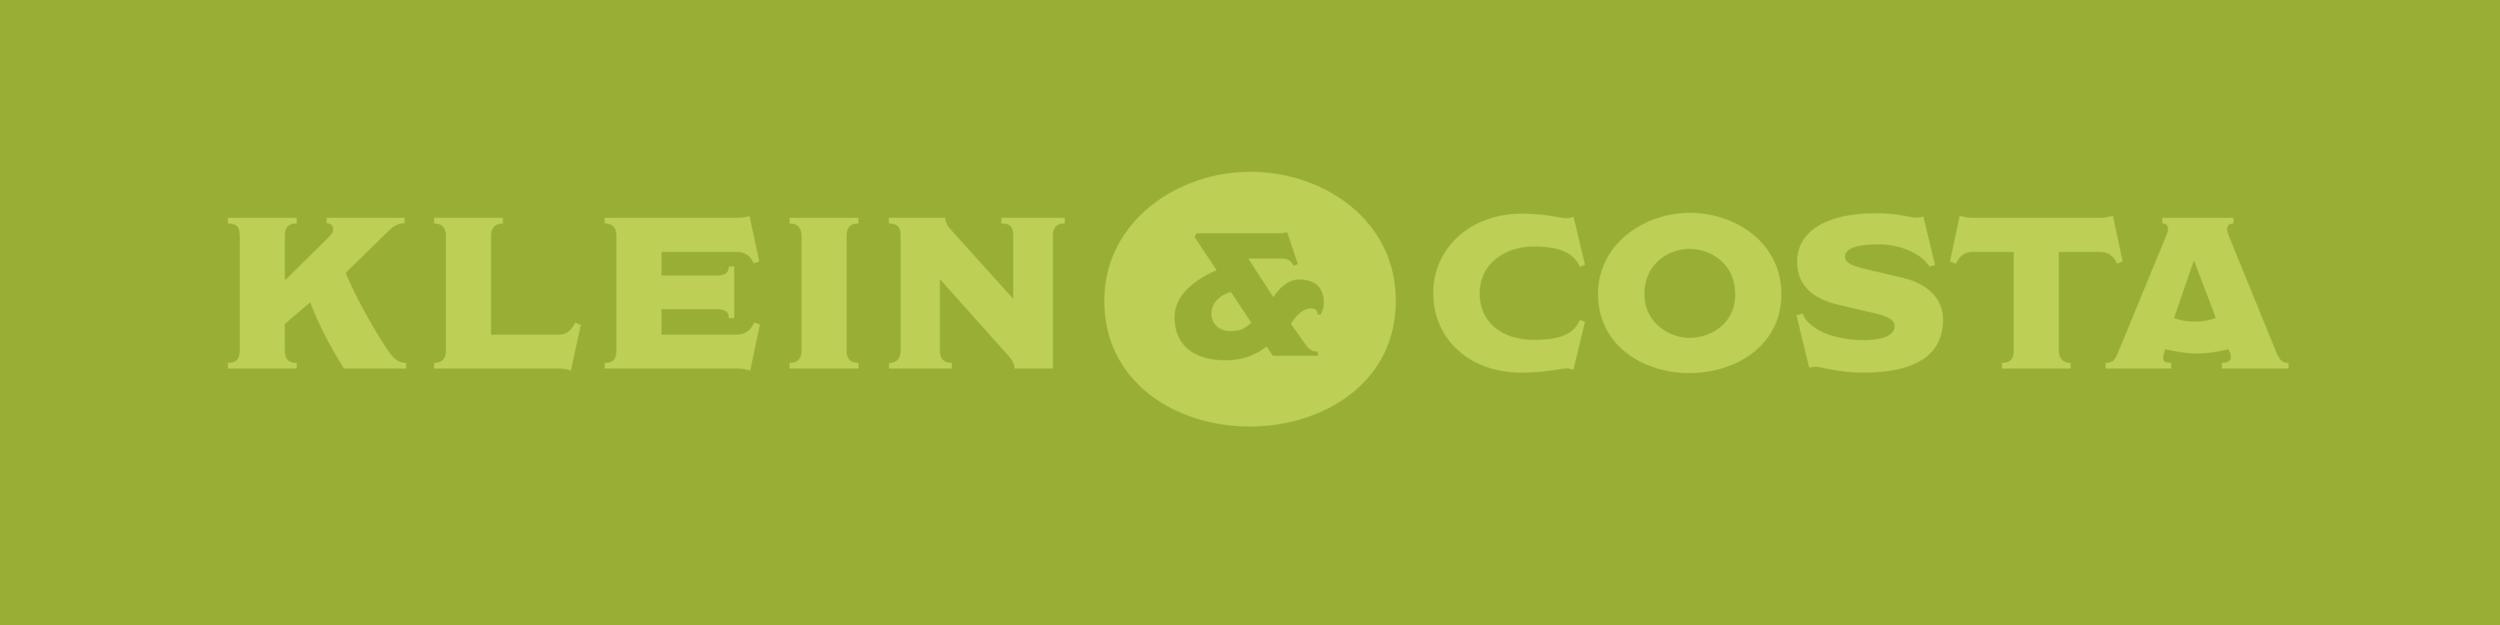 1K&C-Logo-Social copy 7@4x.png